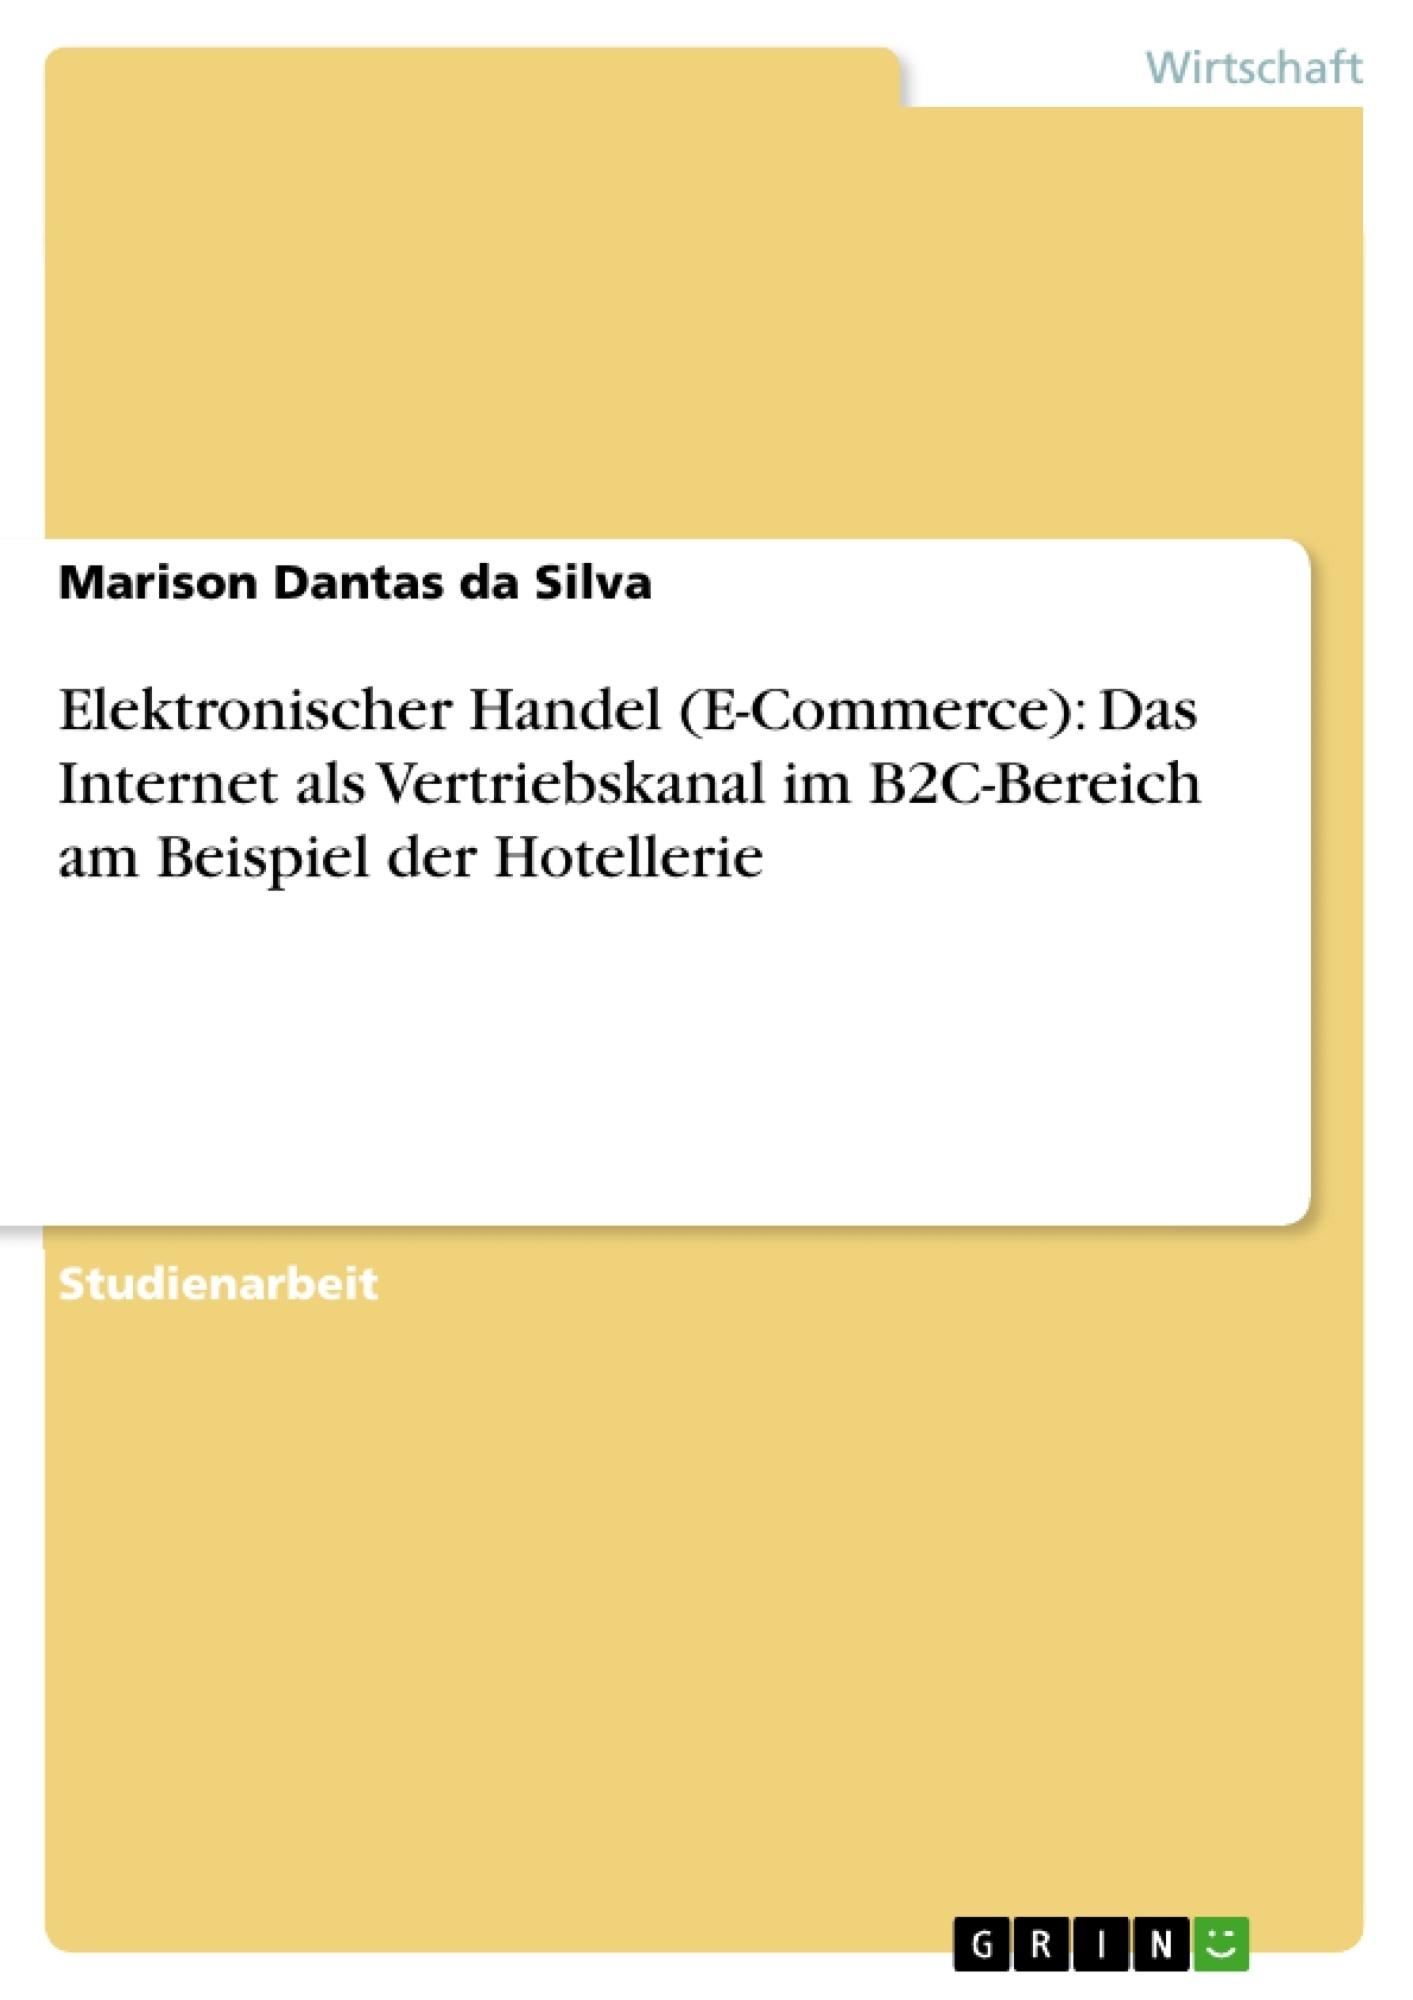 Titel: Elektronischer Handel (E-Commerce): Das Internet als Vertriebskanal im B2C-Bereich am Beispiel der Hotellerie